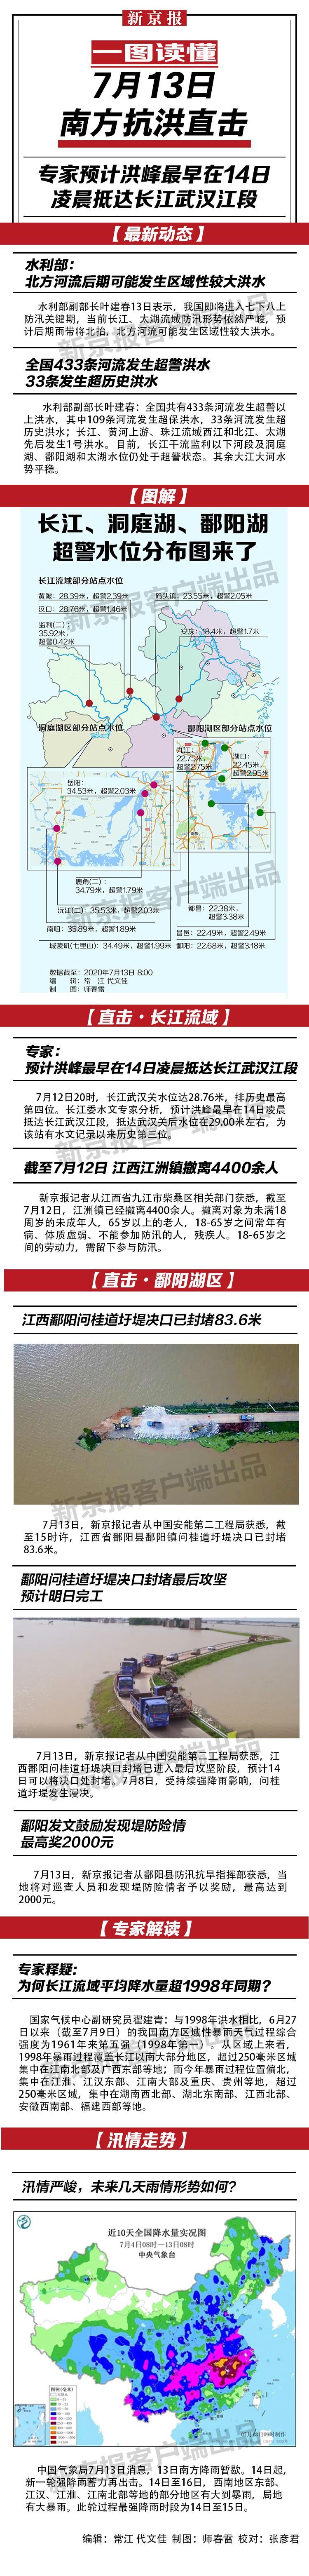 杏悦一图速览杏悦7月13日南方抗洪进展图片